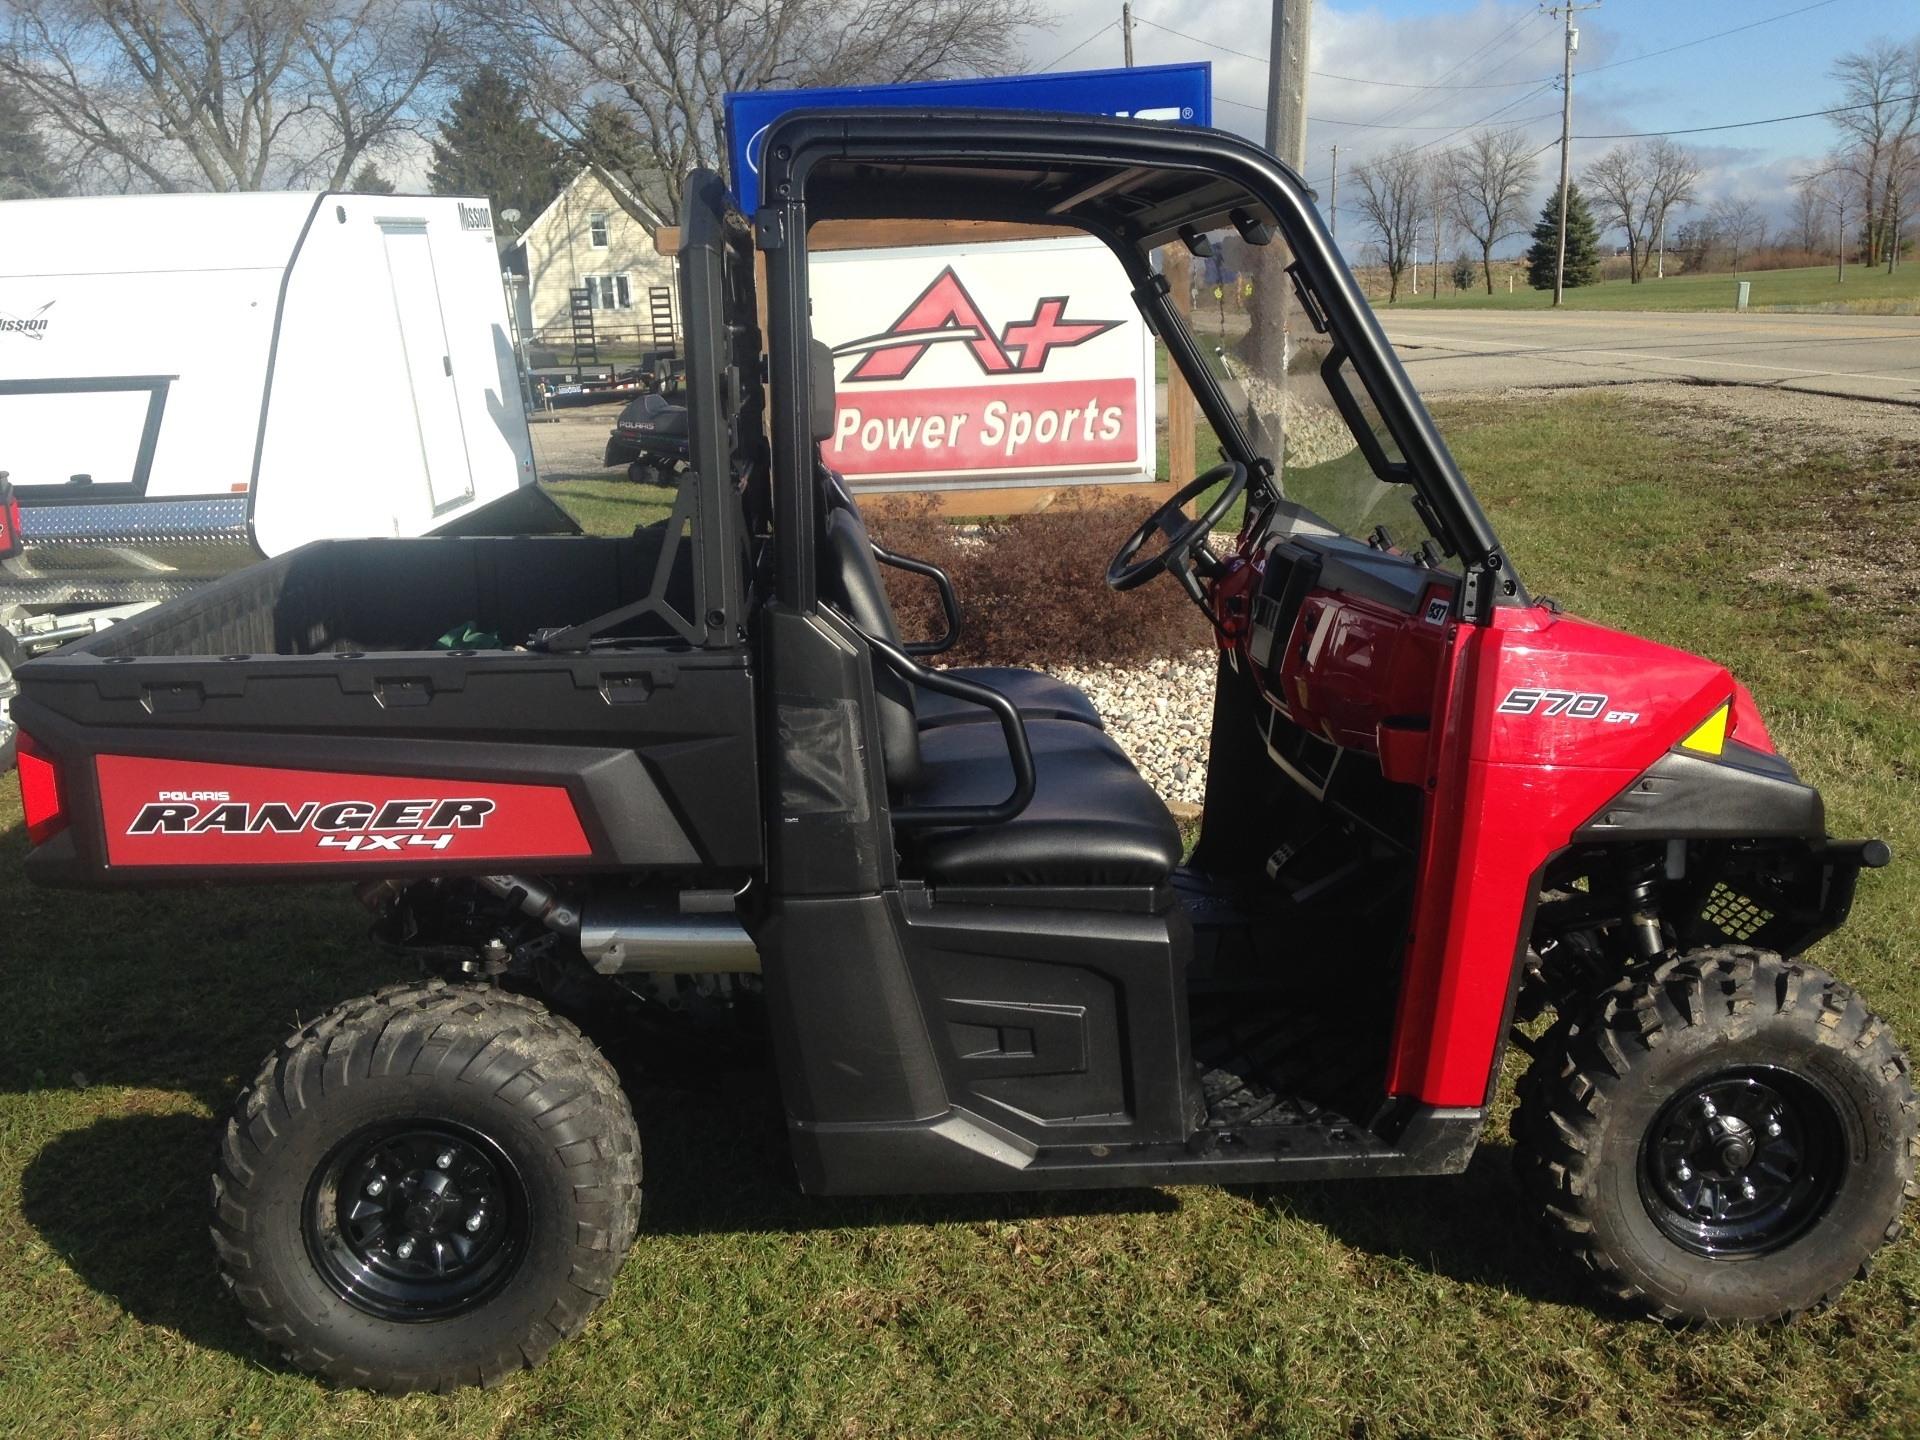 2015 Polaris Ranger570 Full Size for sale 38111